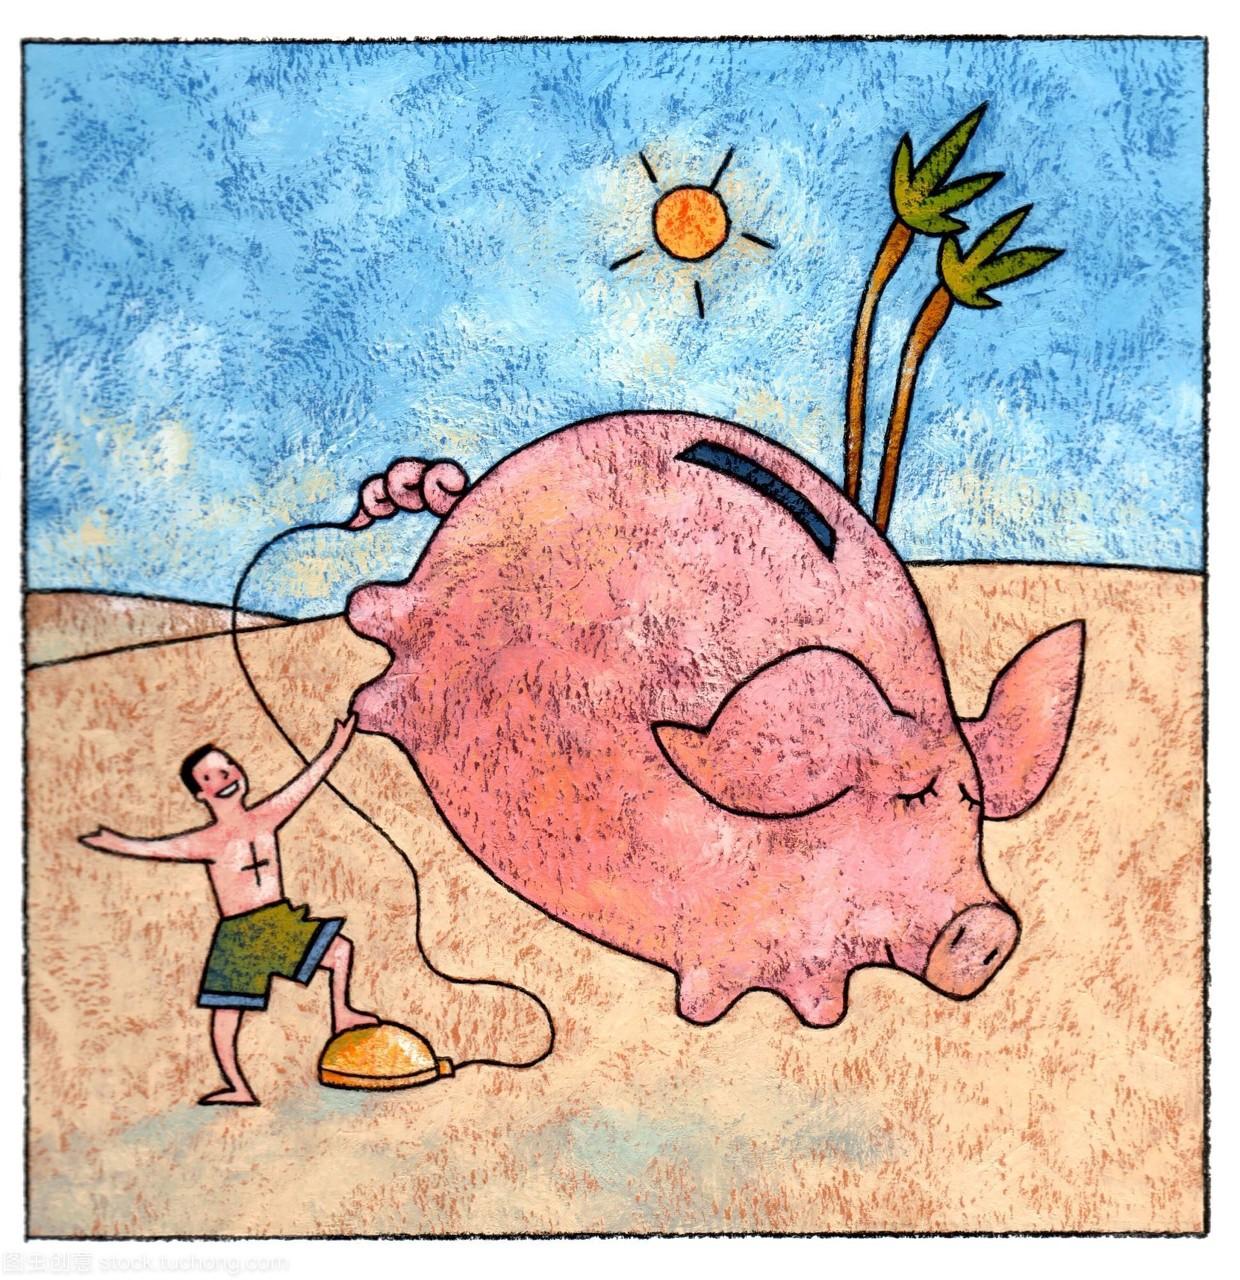 哺乳动物,休闲,漫画,消耗,动物,地理,欧洲,假期,计13a漫画漫画全集图片